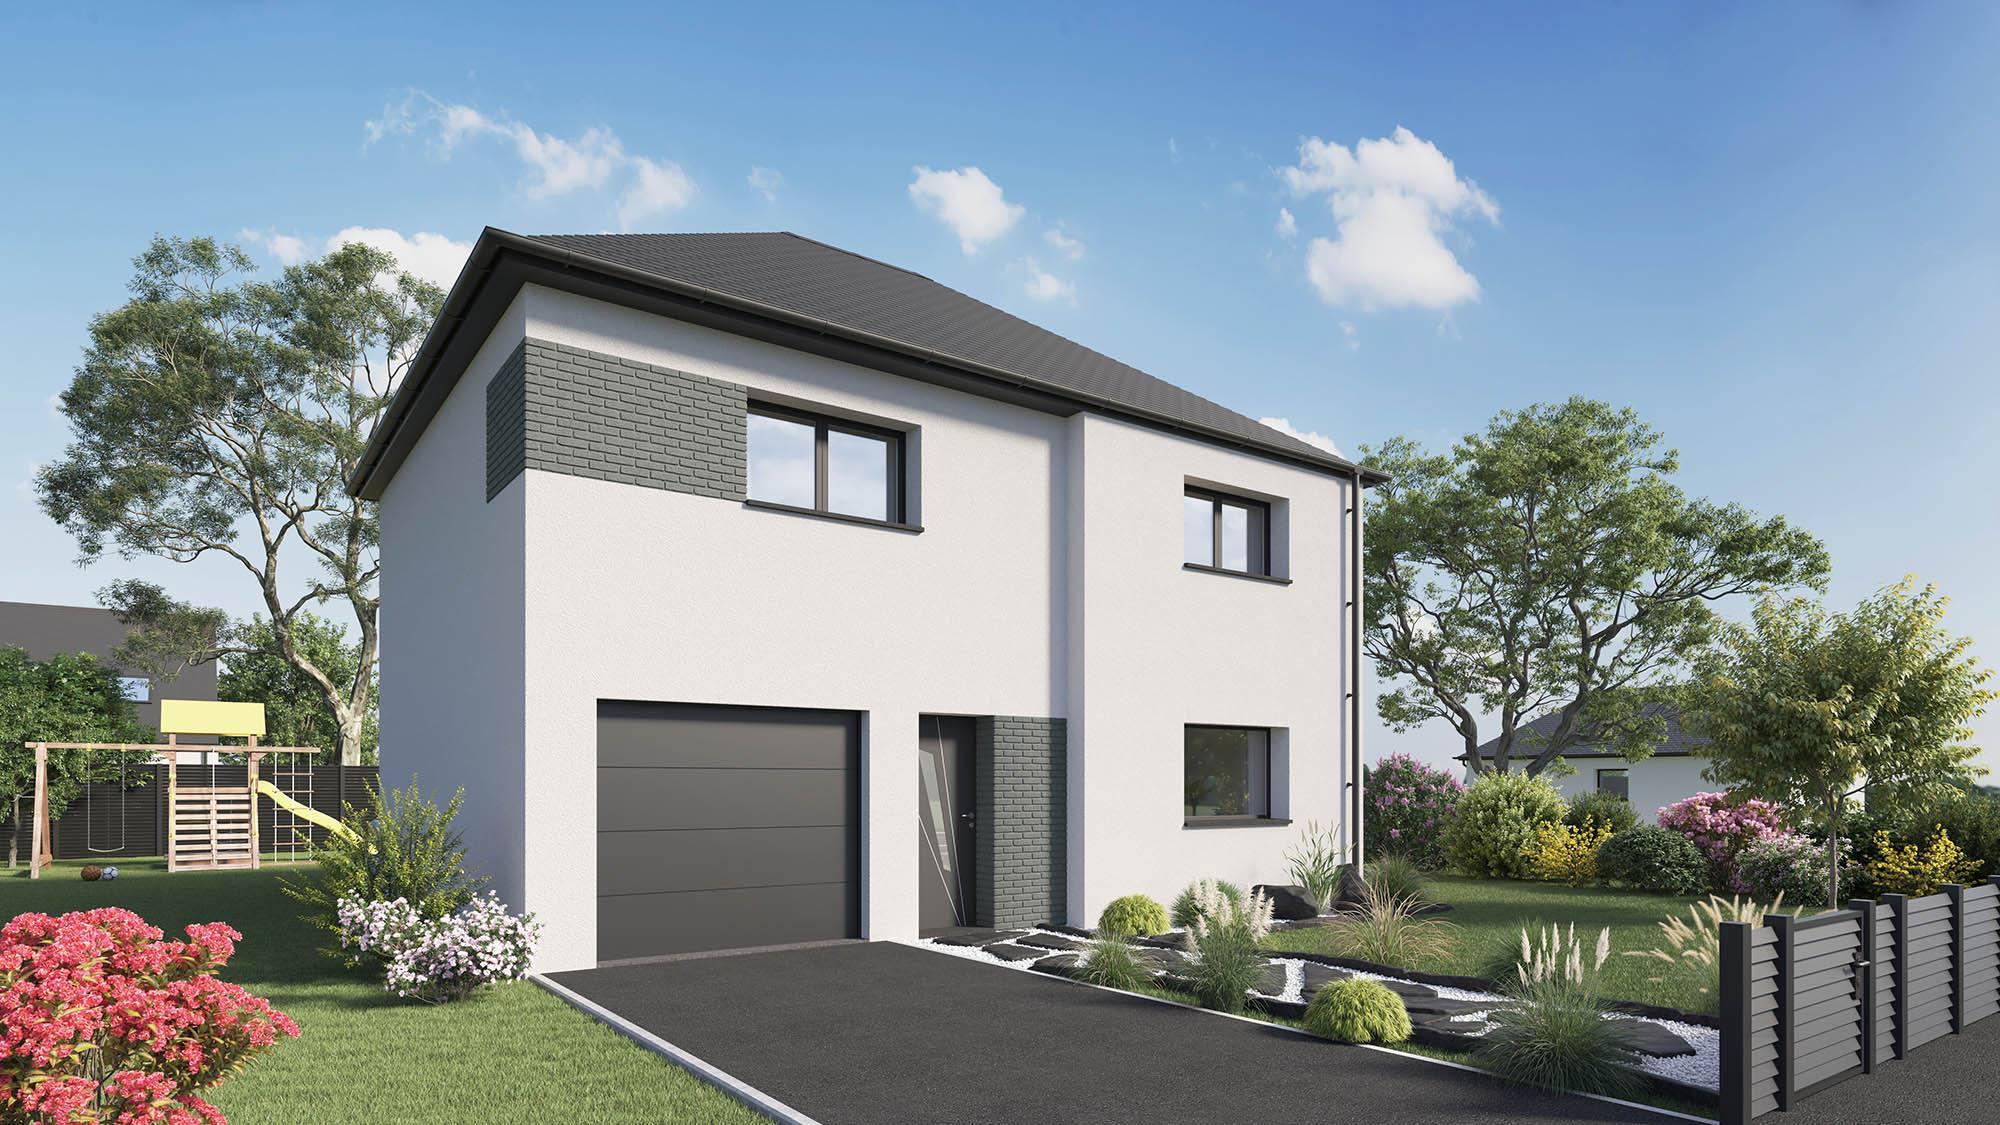 Maisons + Terrains du constructeur MAISON CASTOR • 116 m² • NONANCOURT